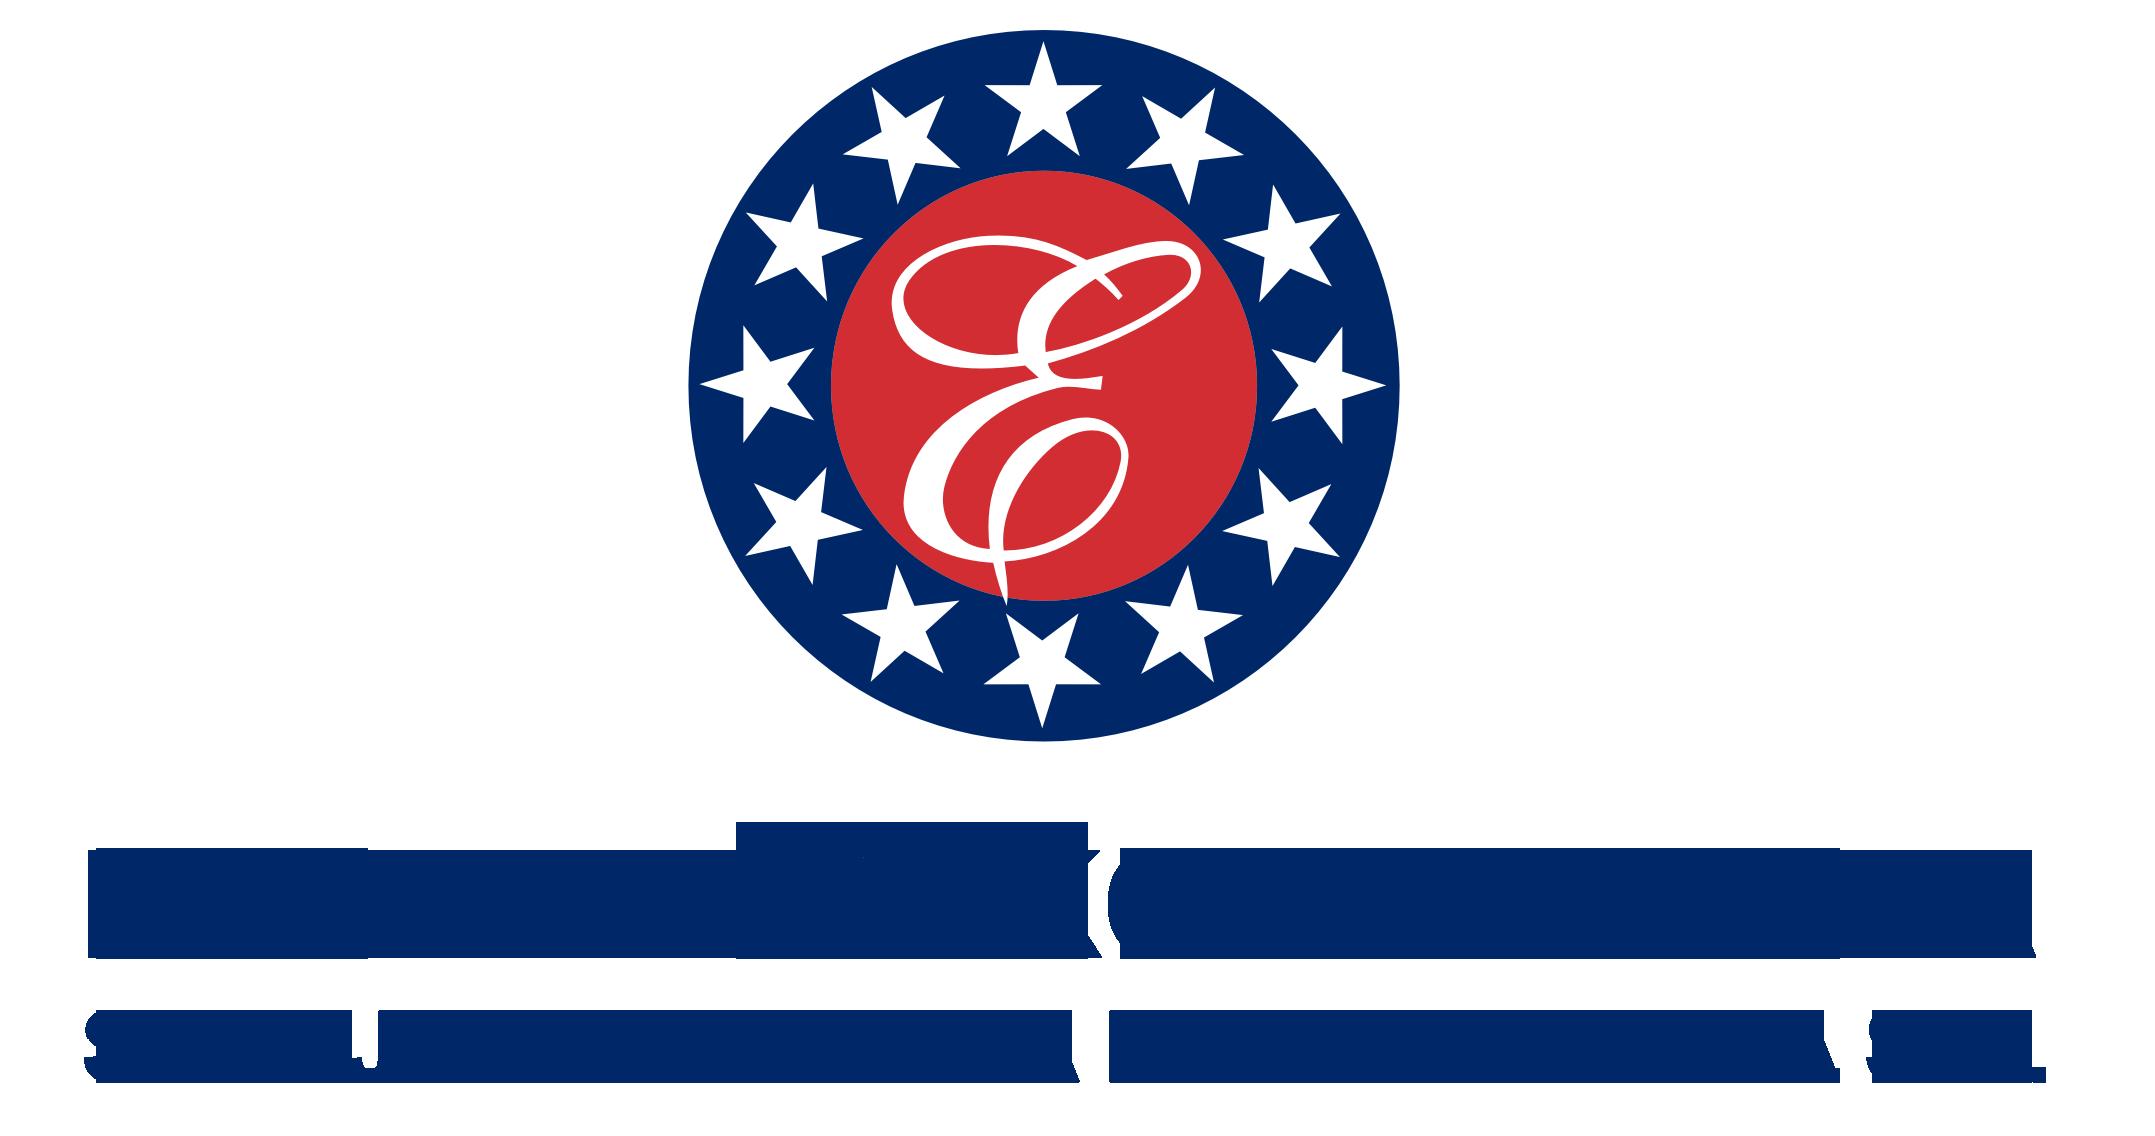 logo_z_kssse_pl_3png [2155x1136]